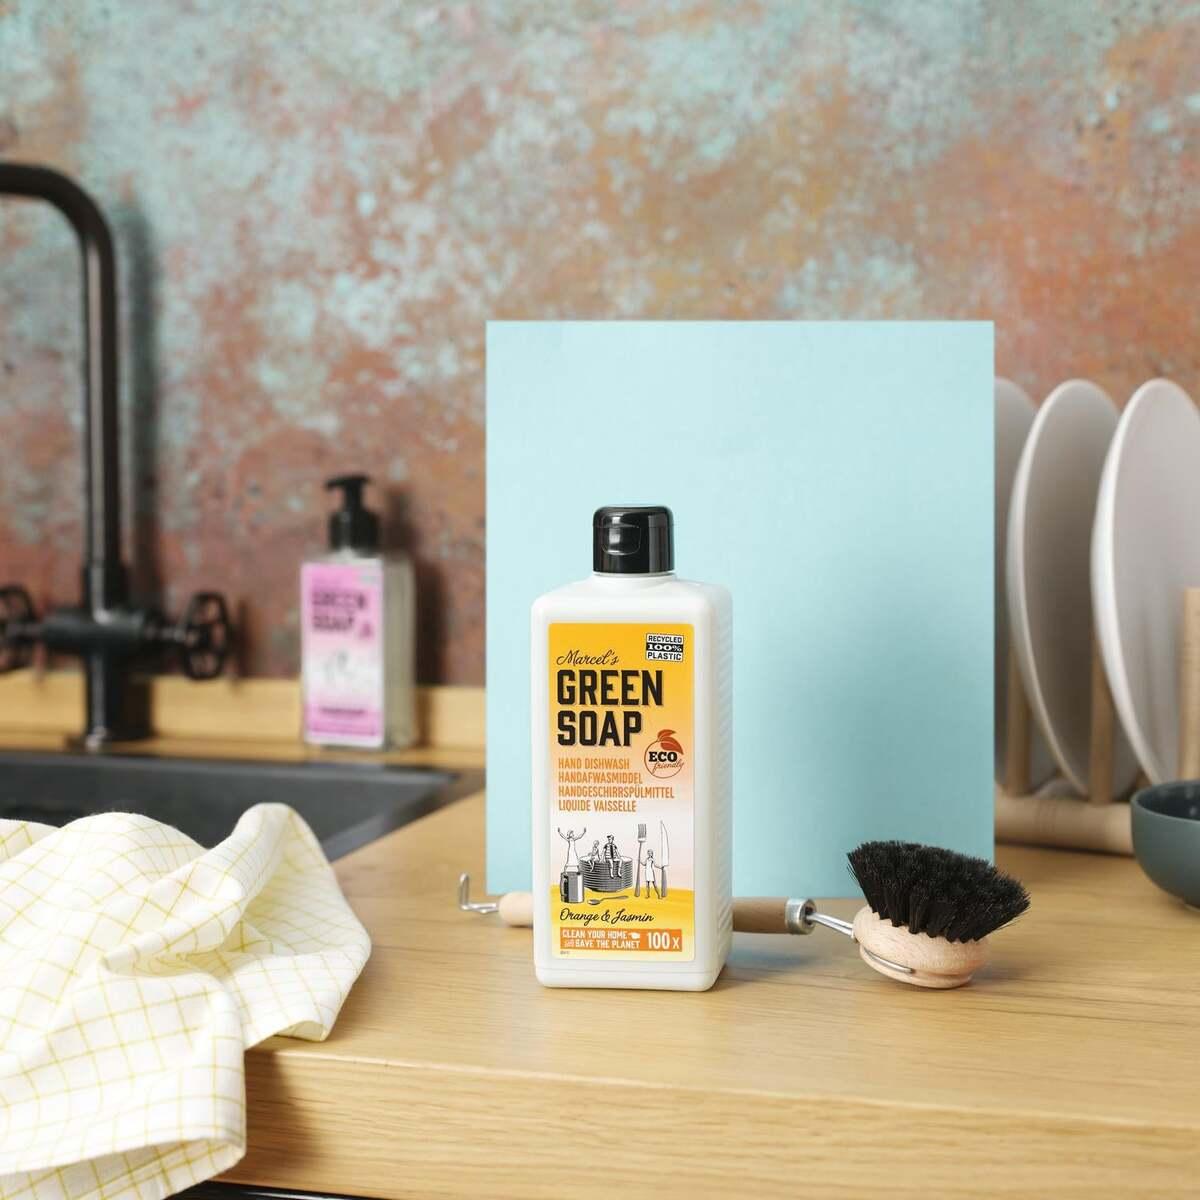 Bild 2 von Marcel's Green Soap Handgeschirrspülmittel Orange & Jasmine